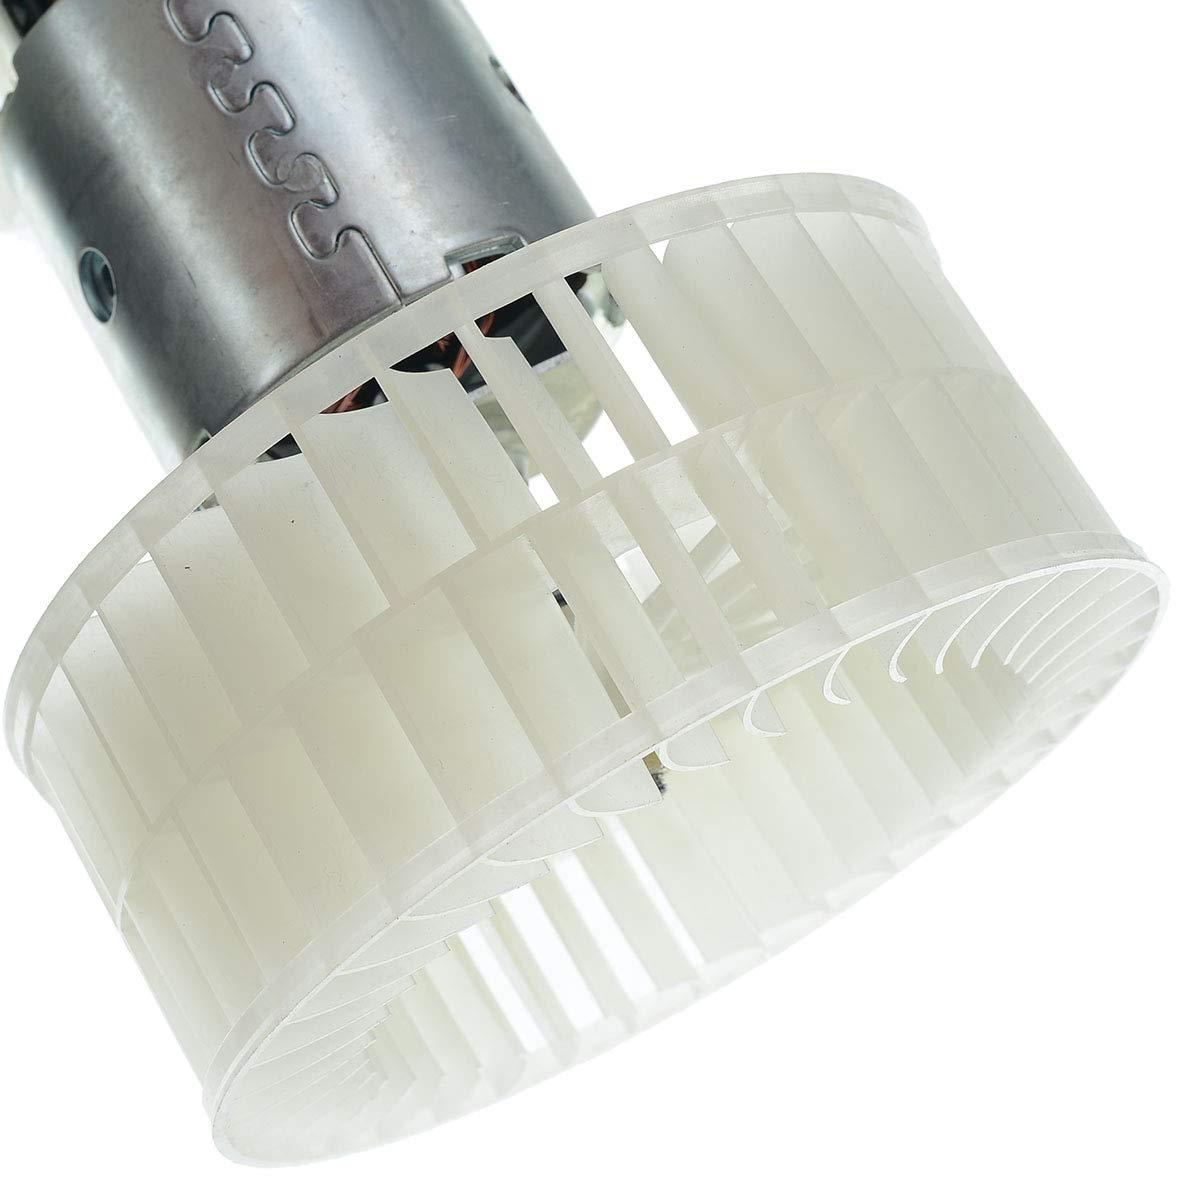 Ventilatore per interni motore per 5ER E34 7ER E32 8ER E31 1986-1999 64111374377